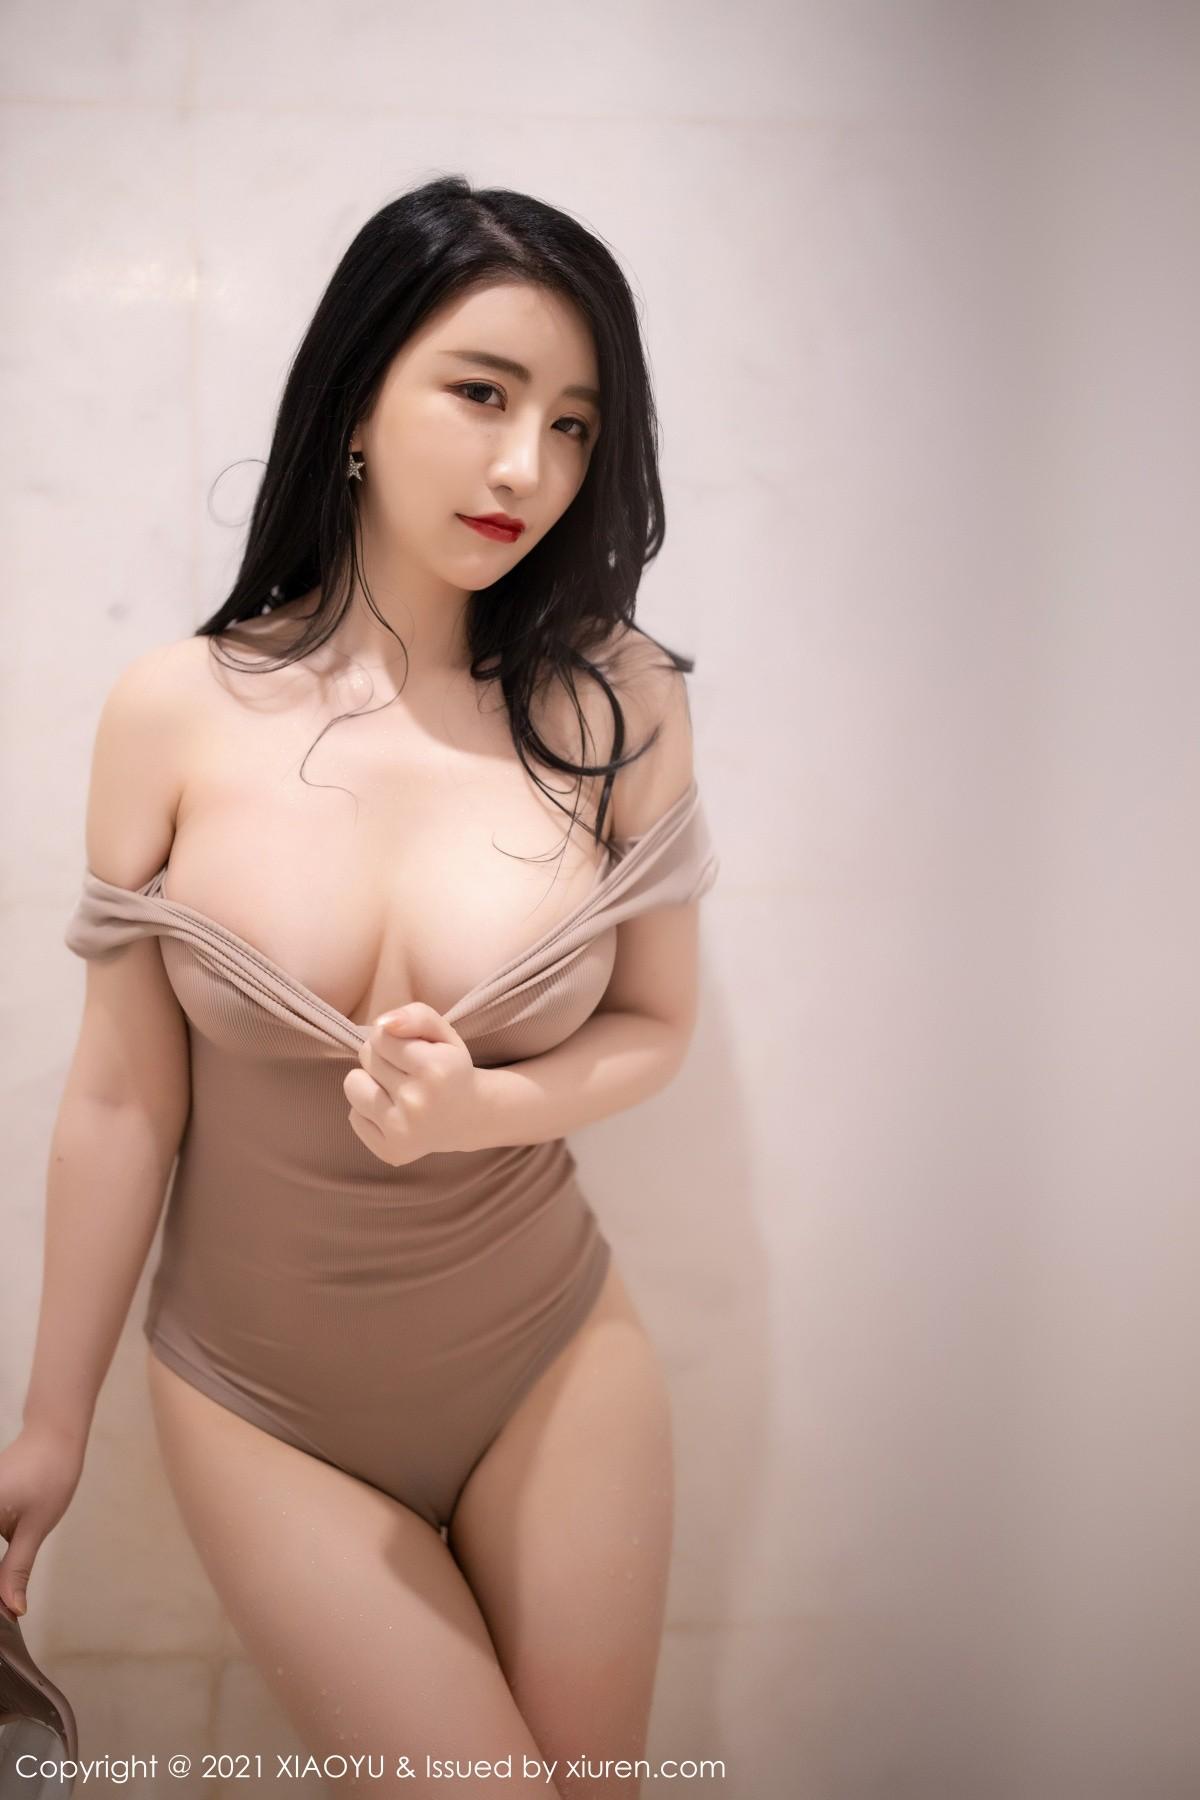 [XiaoYu畫語界] Vol.565_緋月櫻西雙版納旅拍浴室連體內衣濕身誘惑寫真 - 貼圖 - 清涼寫真 -